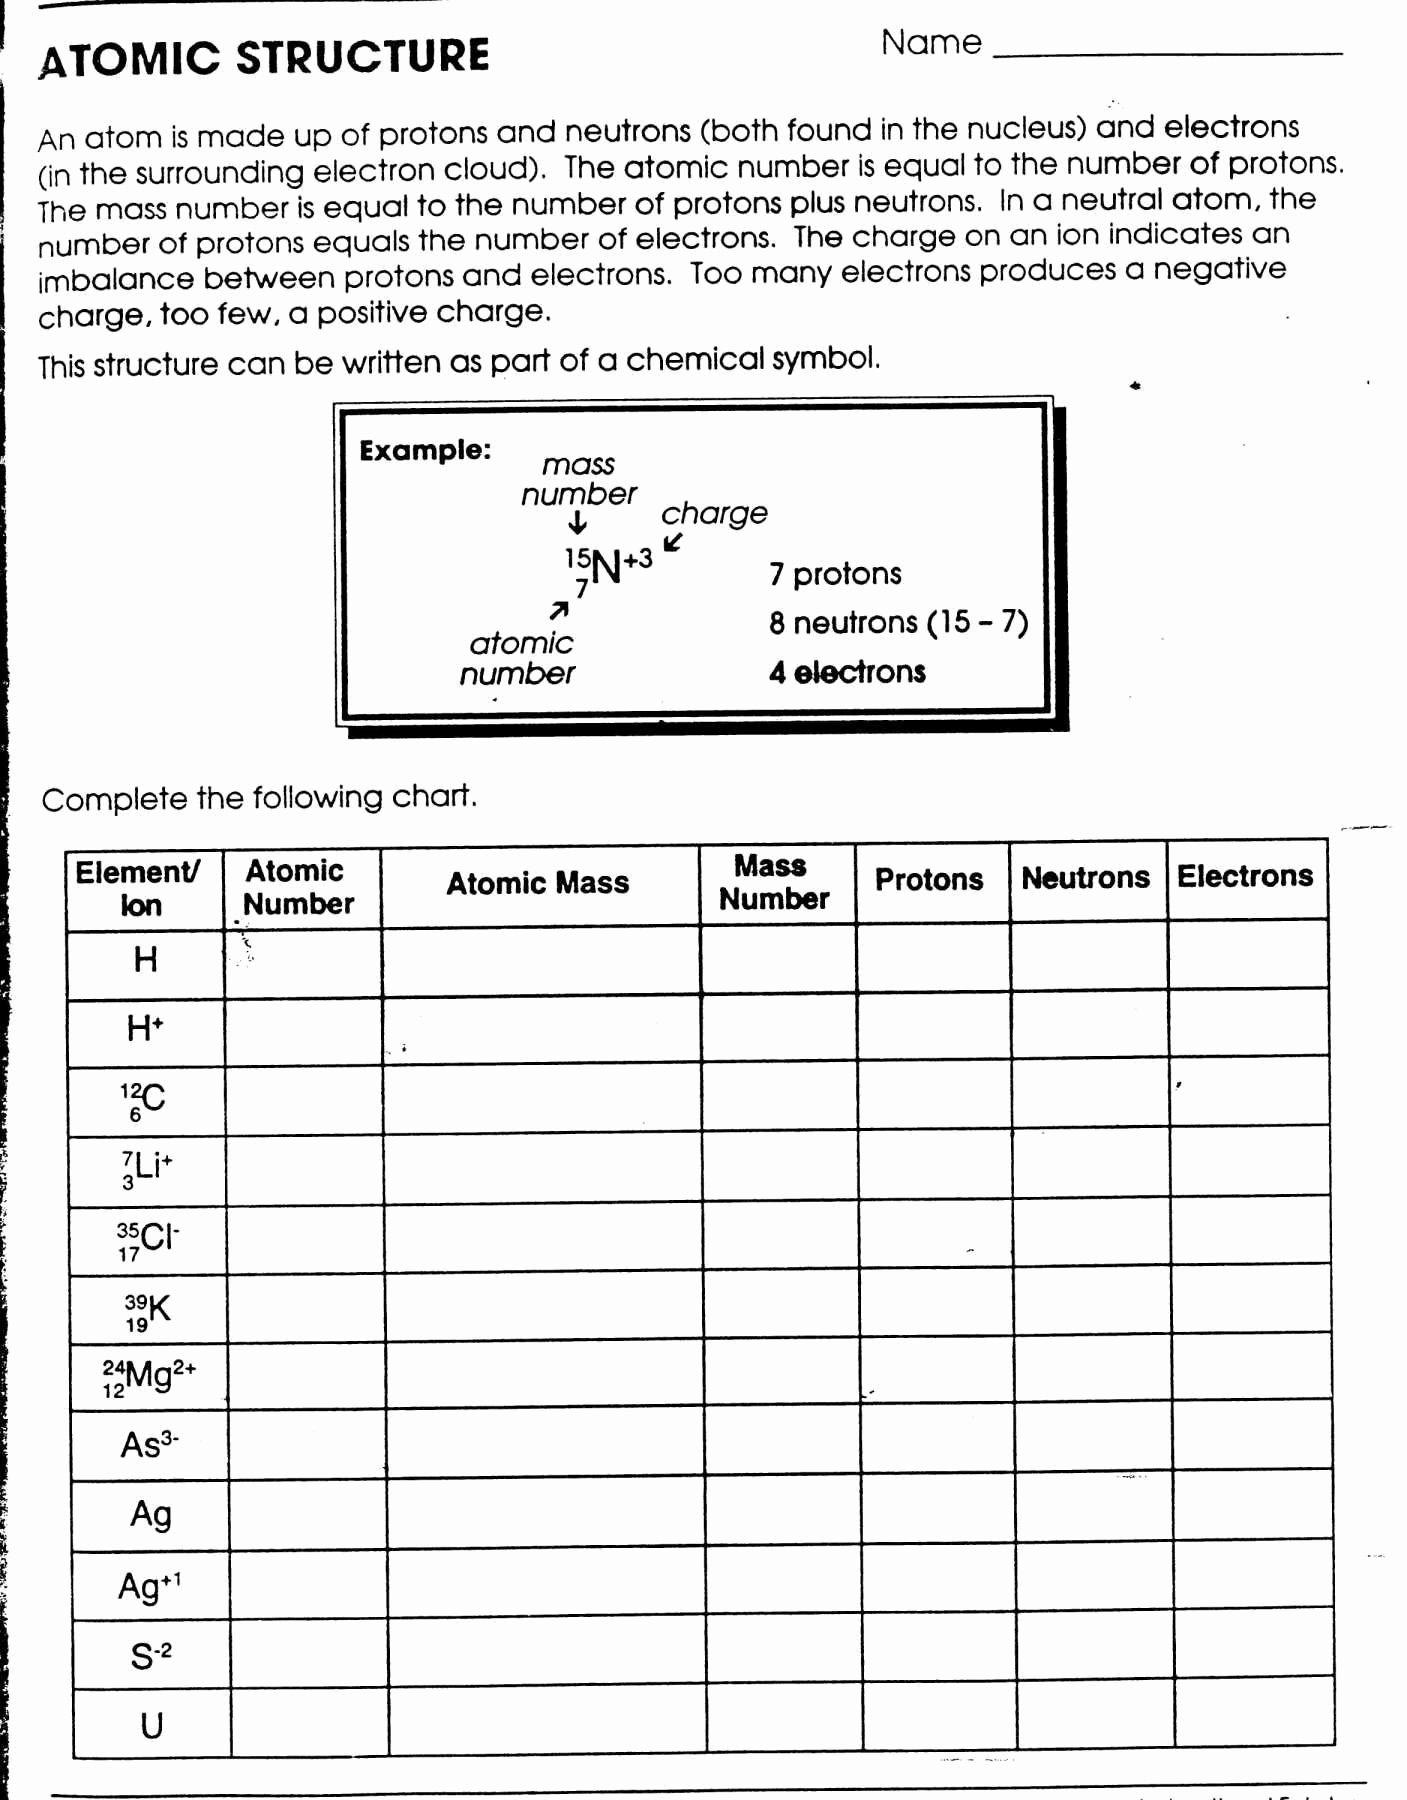 Quantum Numbers Practice Worksheet Luxury Protons Neutrons and Electrons Practice Worksheet Answer